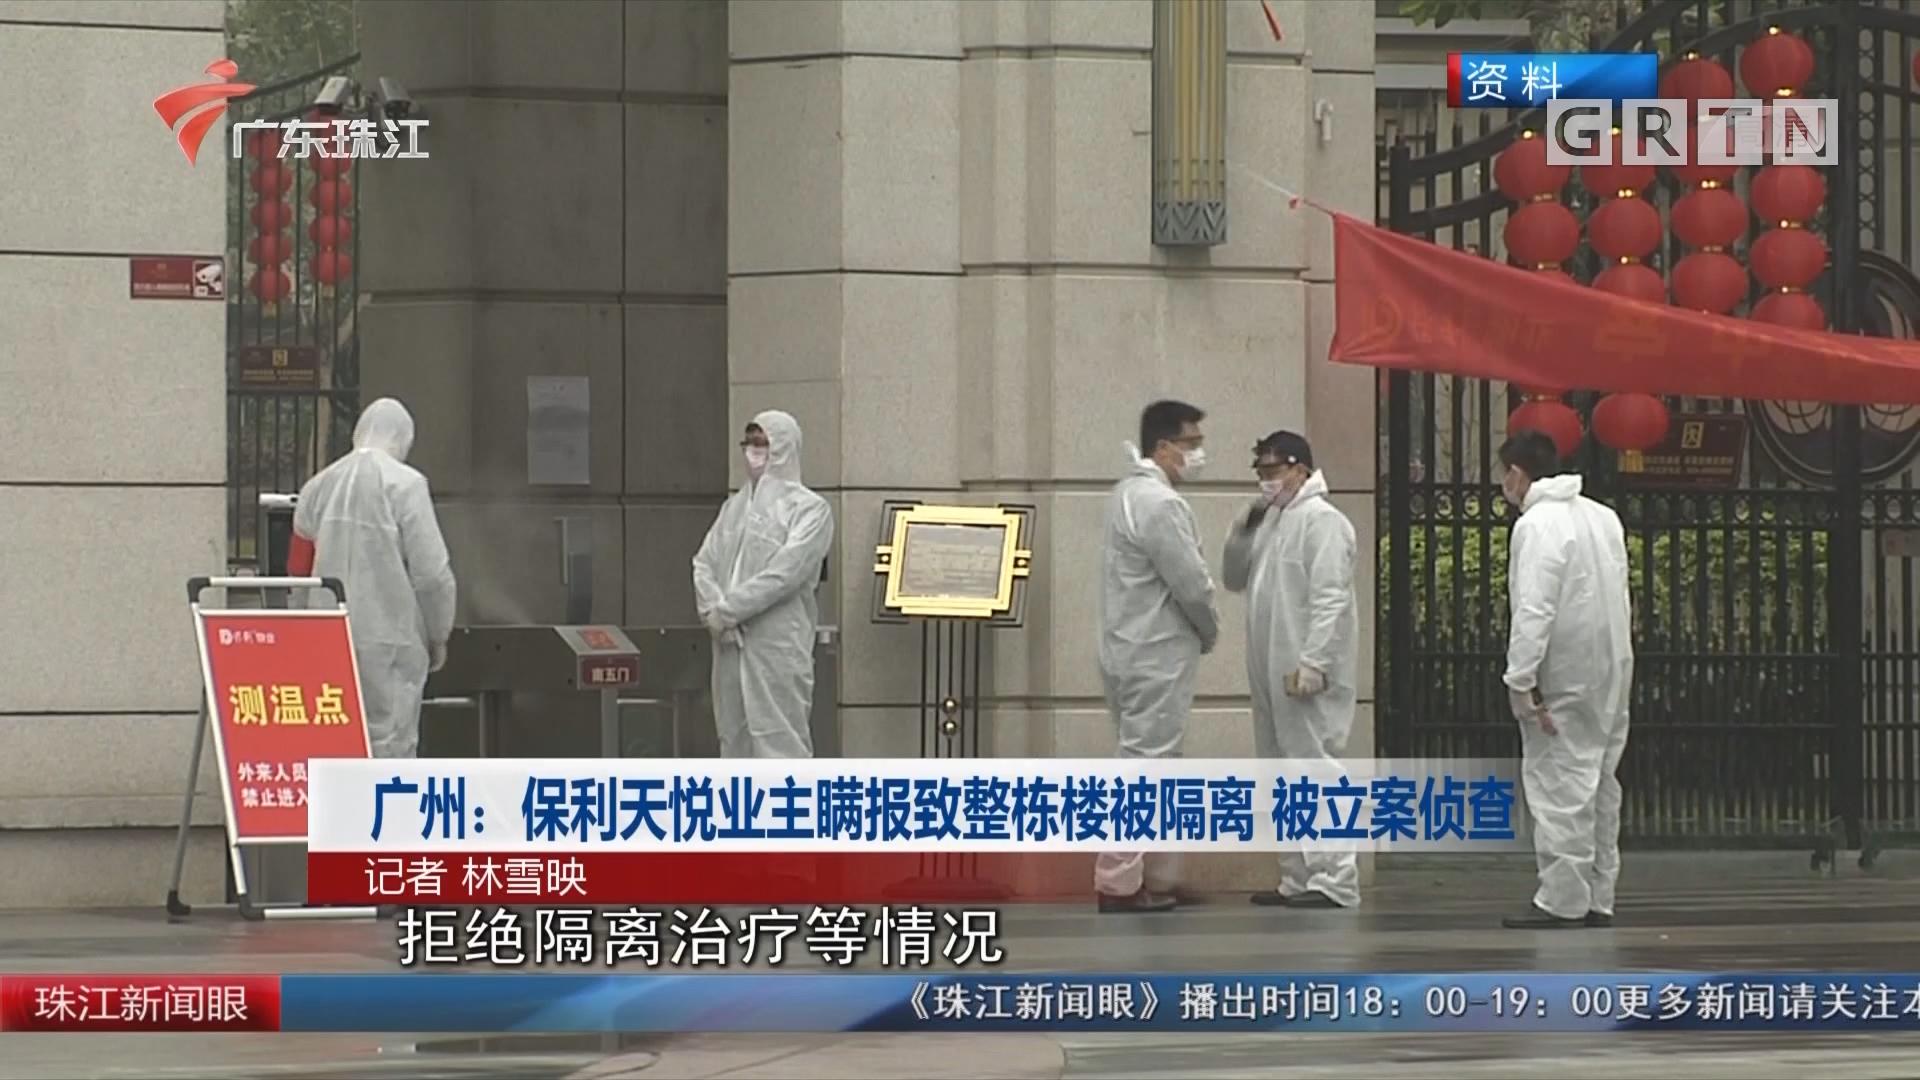 广州:保利天悦业主瞒报致整栋楼被隔离 被立案侦查